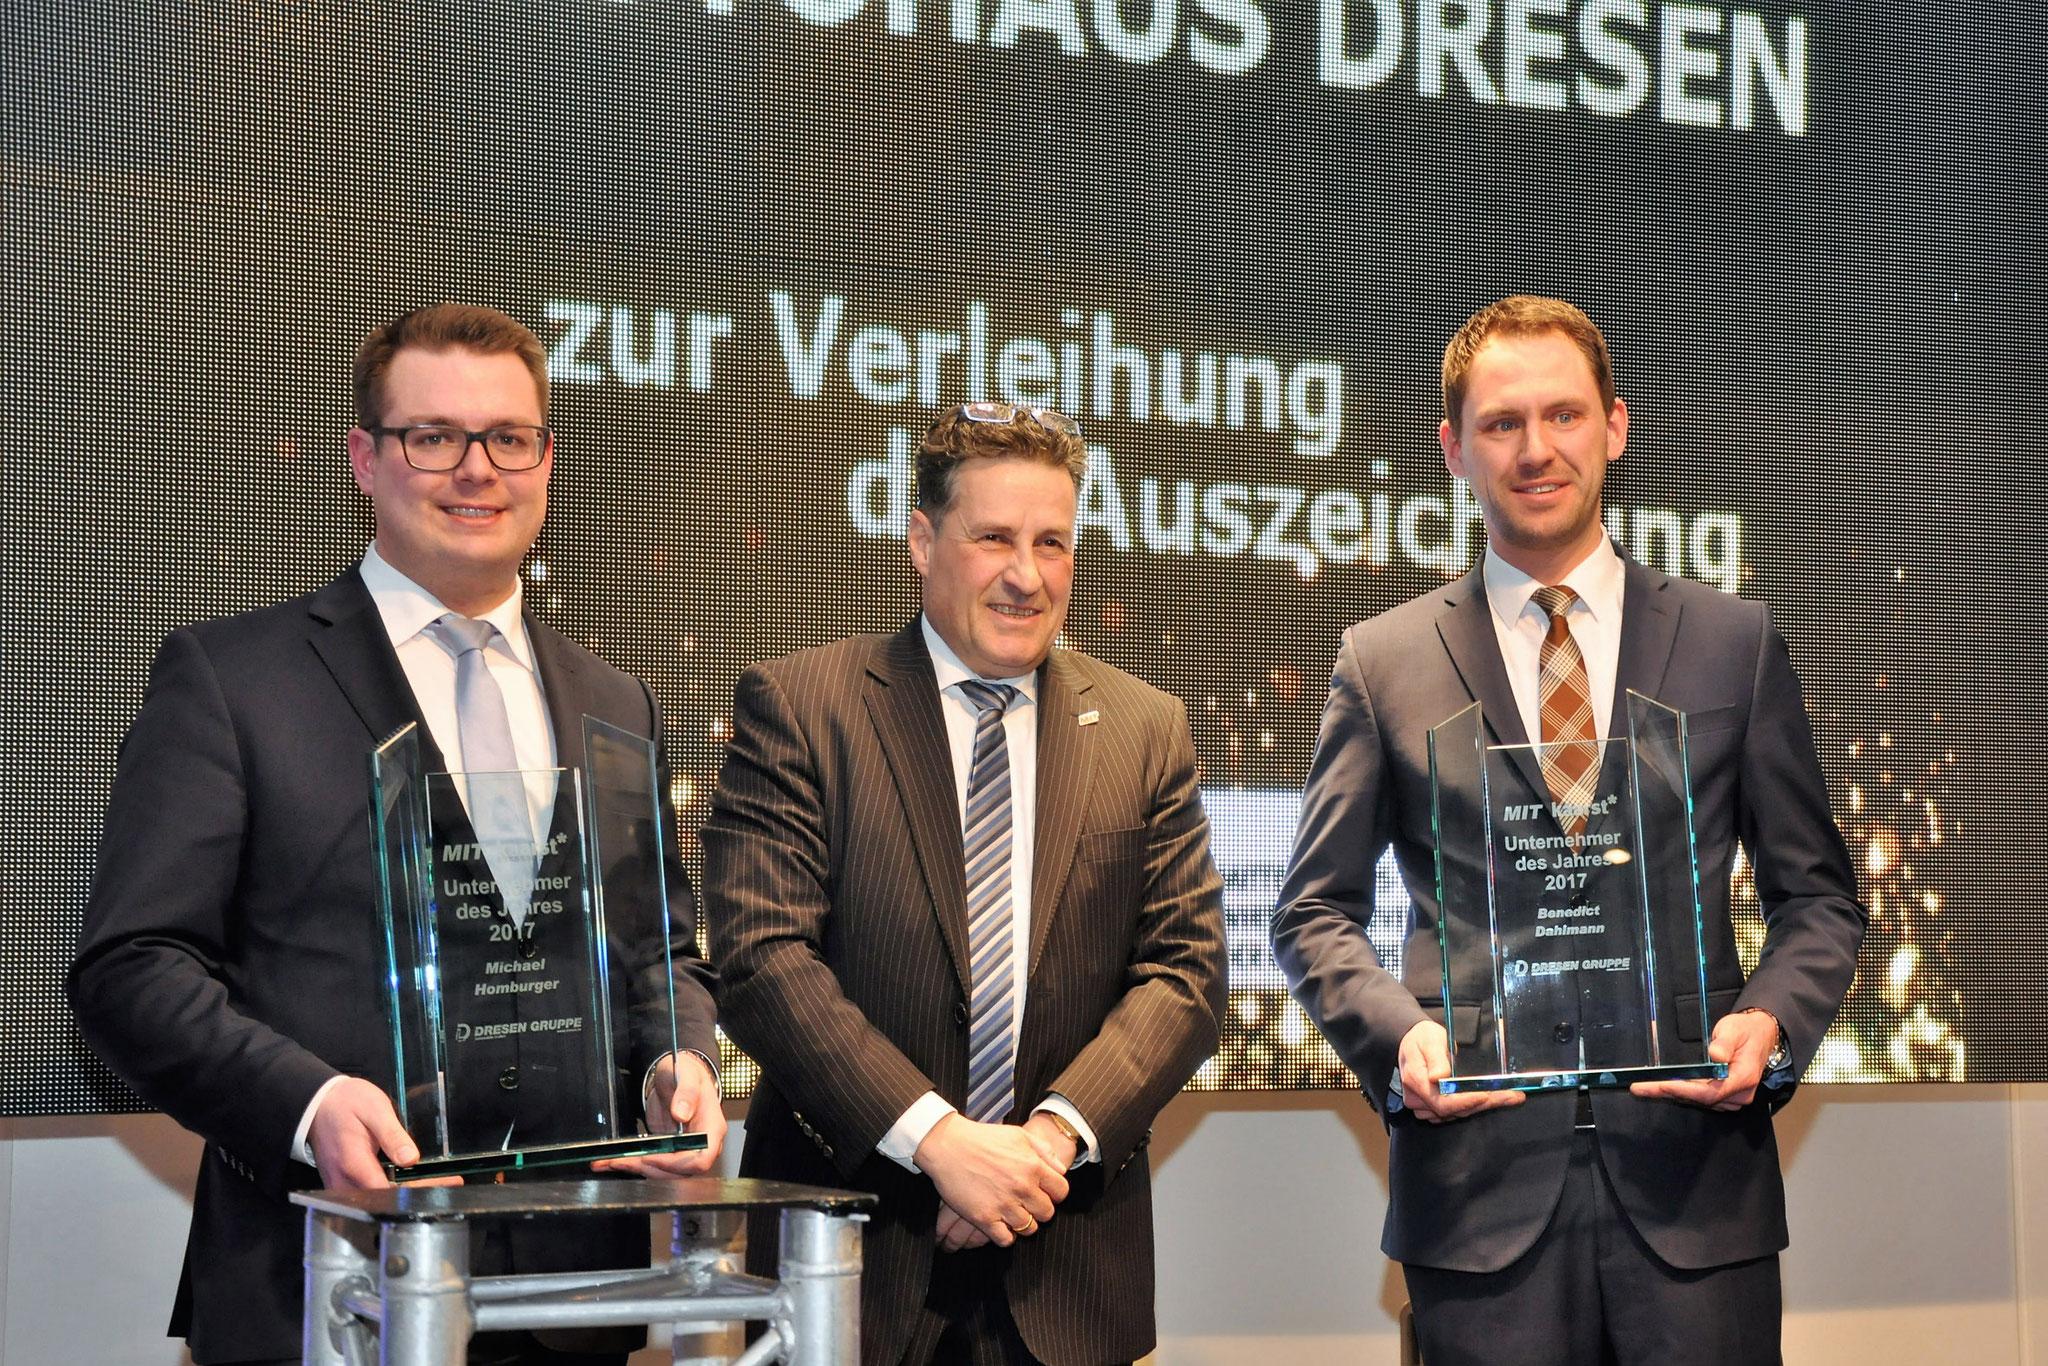 Unternehmer des Jahres 2017  - Autohaus Dresen